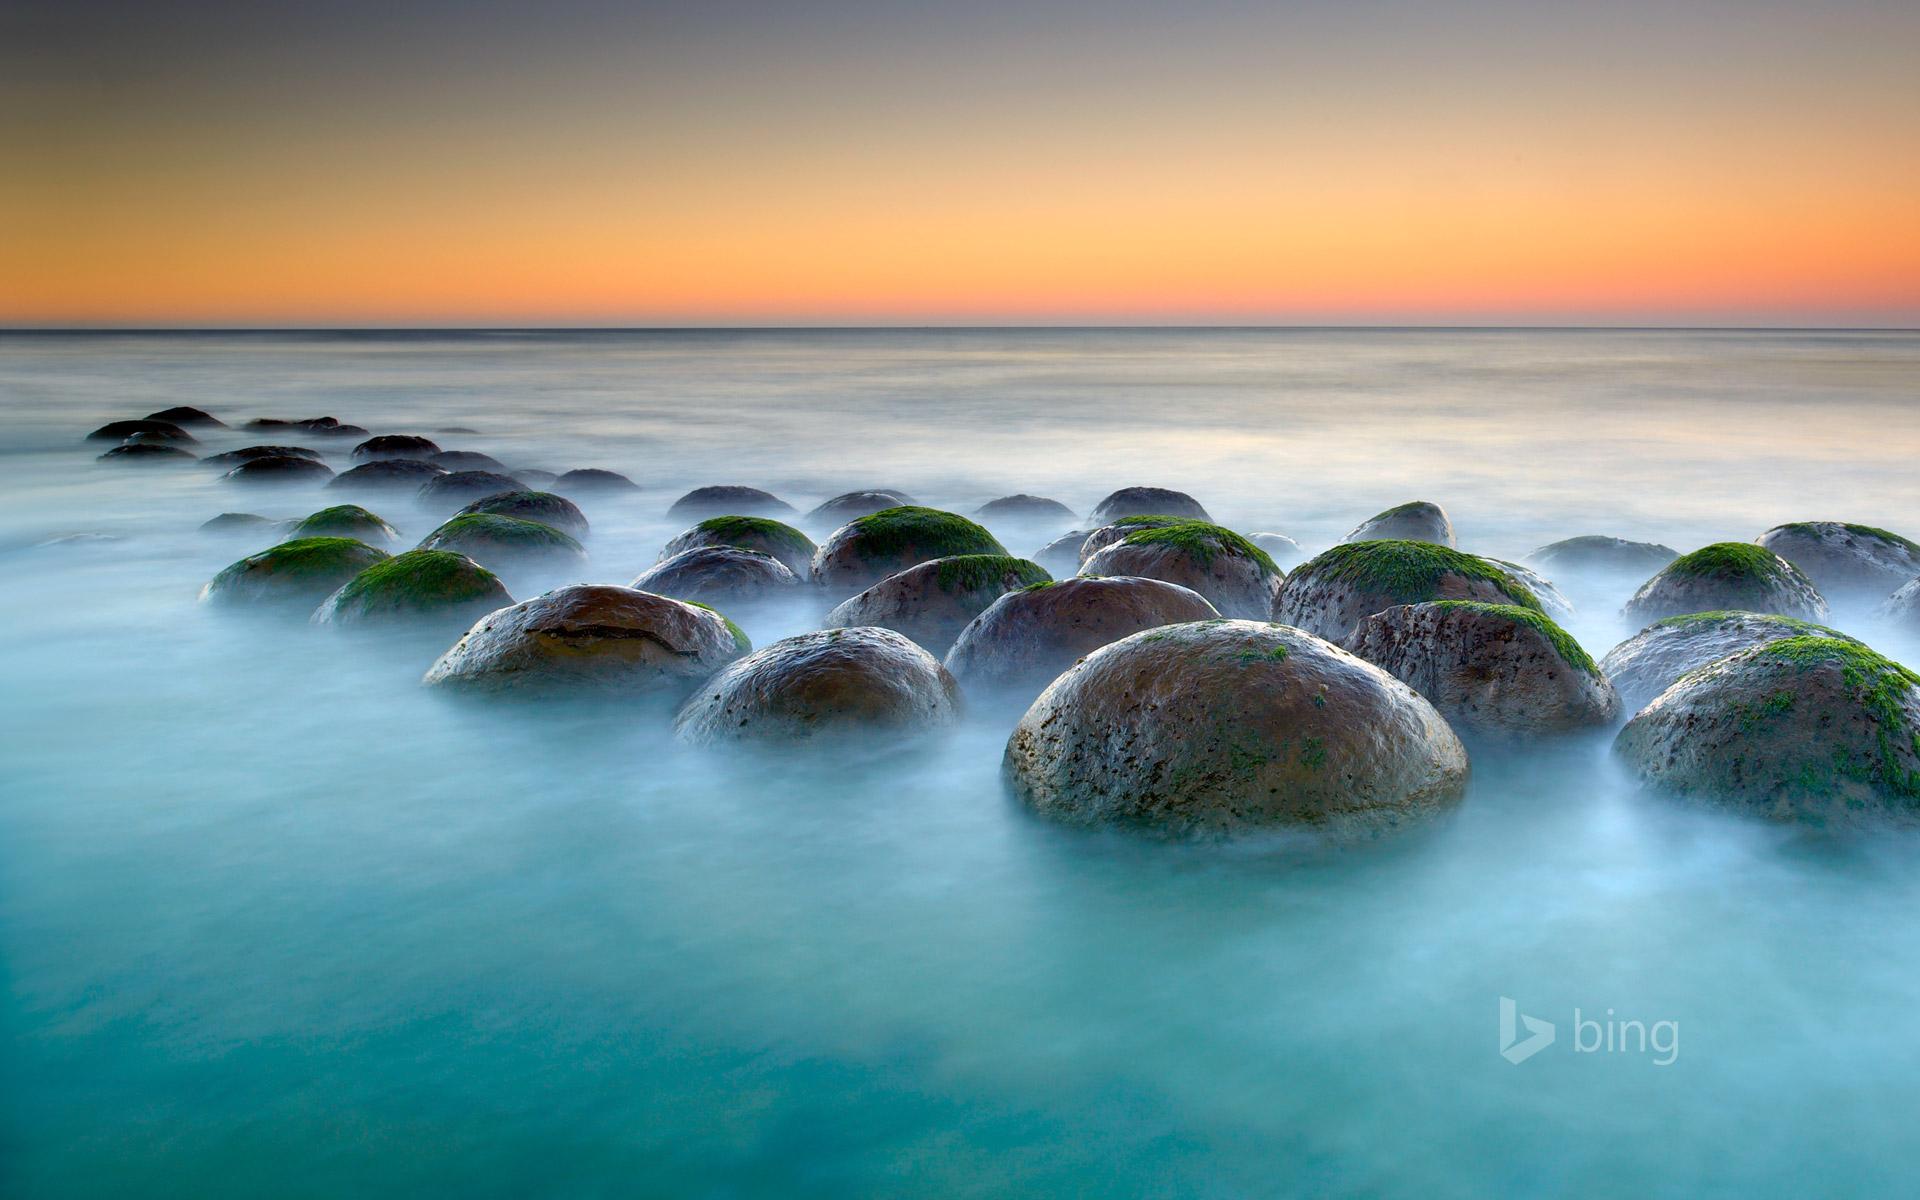 Bowling Ball Beach near Point Arena, California